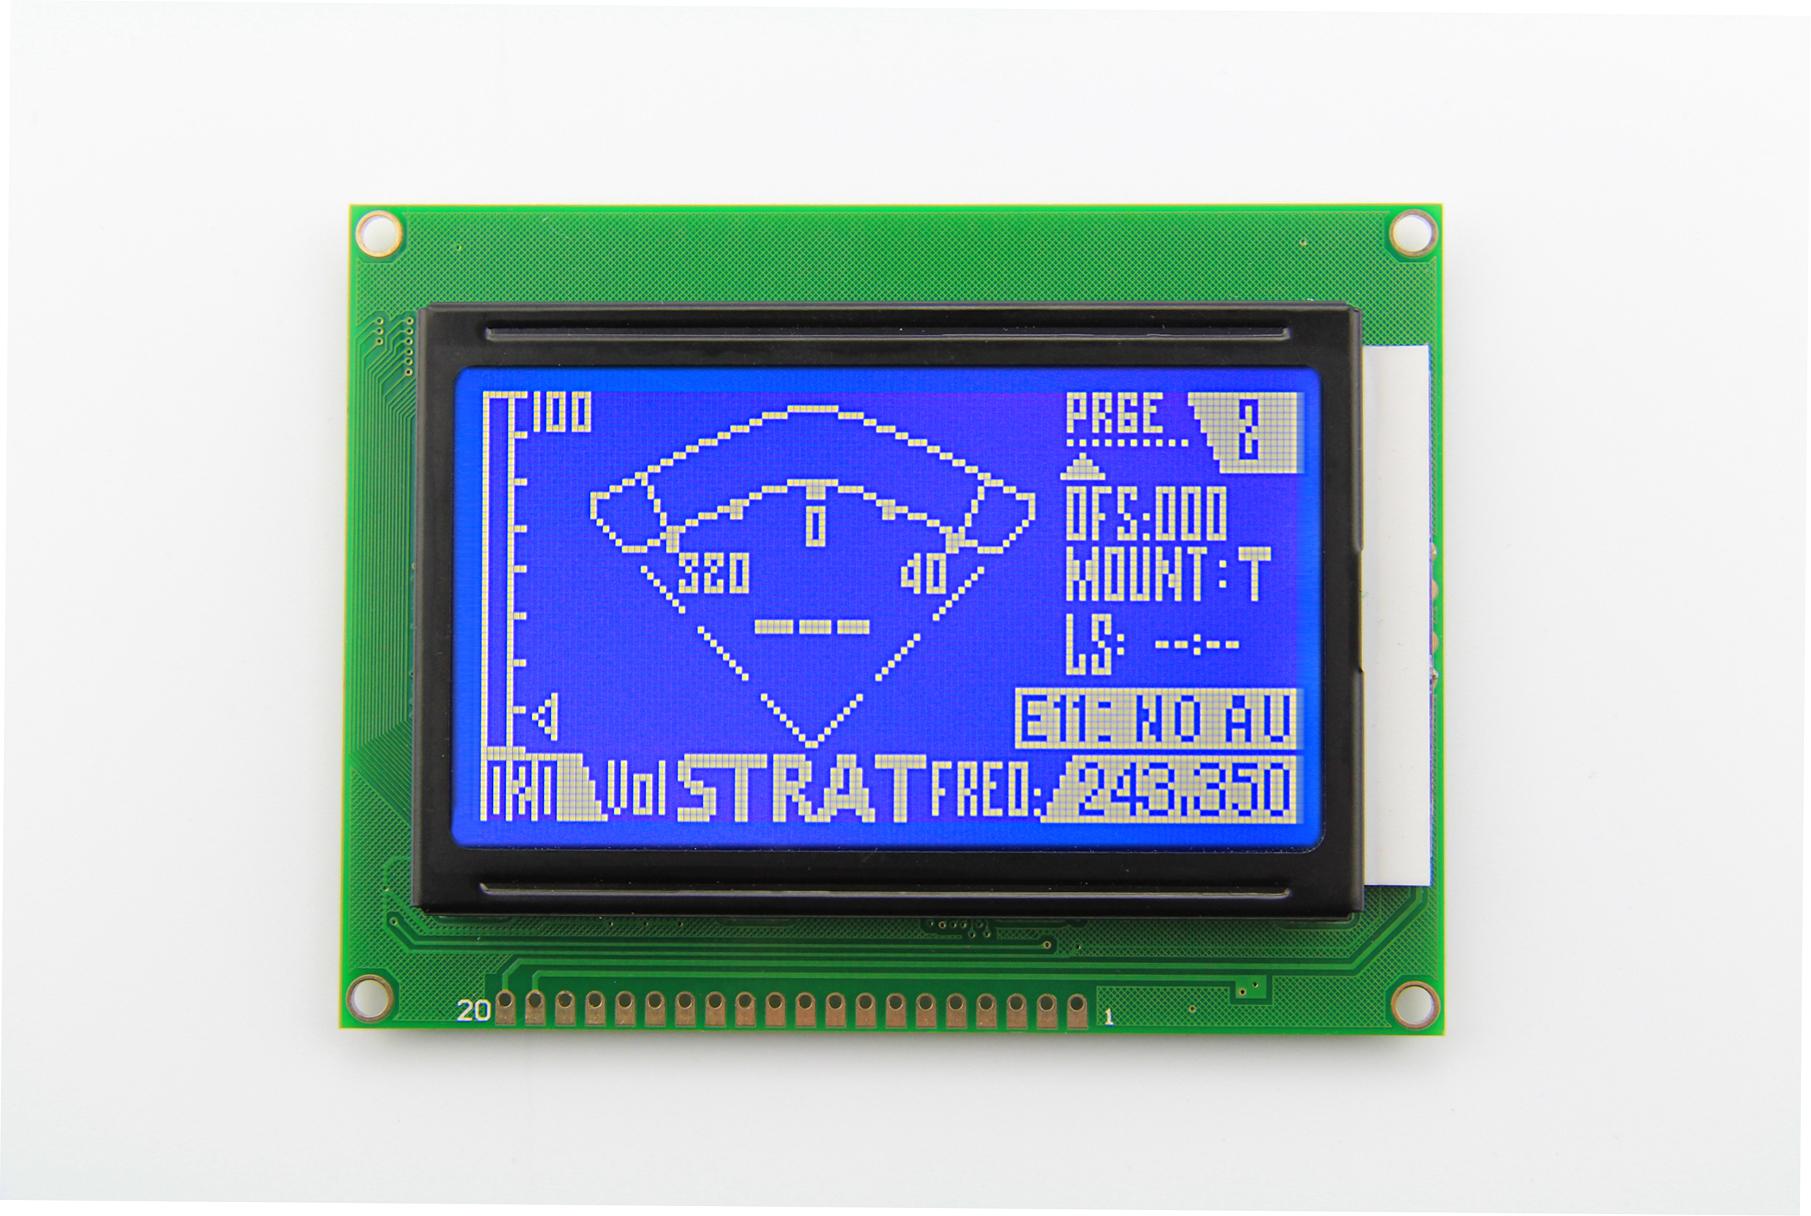 HTM12864Z(蓝膜/负显)--带中文字库的COB型128X64图形点阵模组